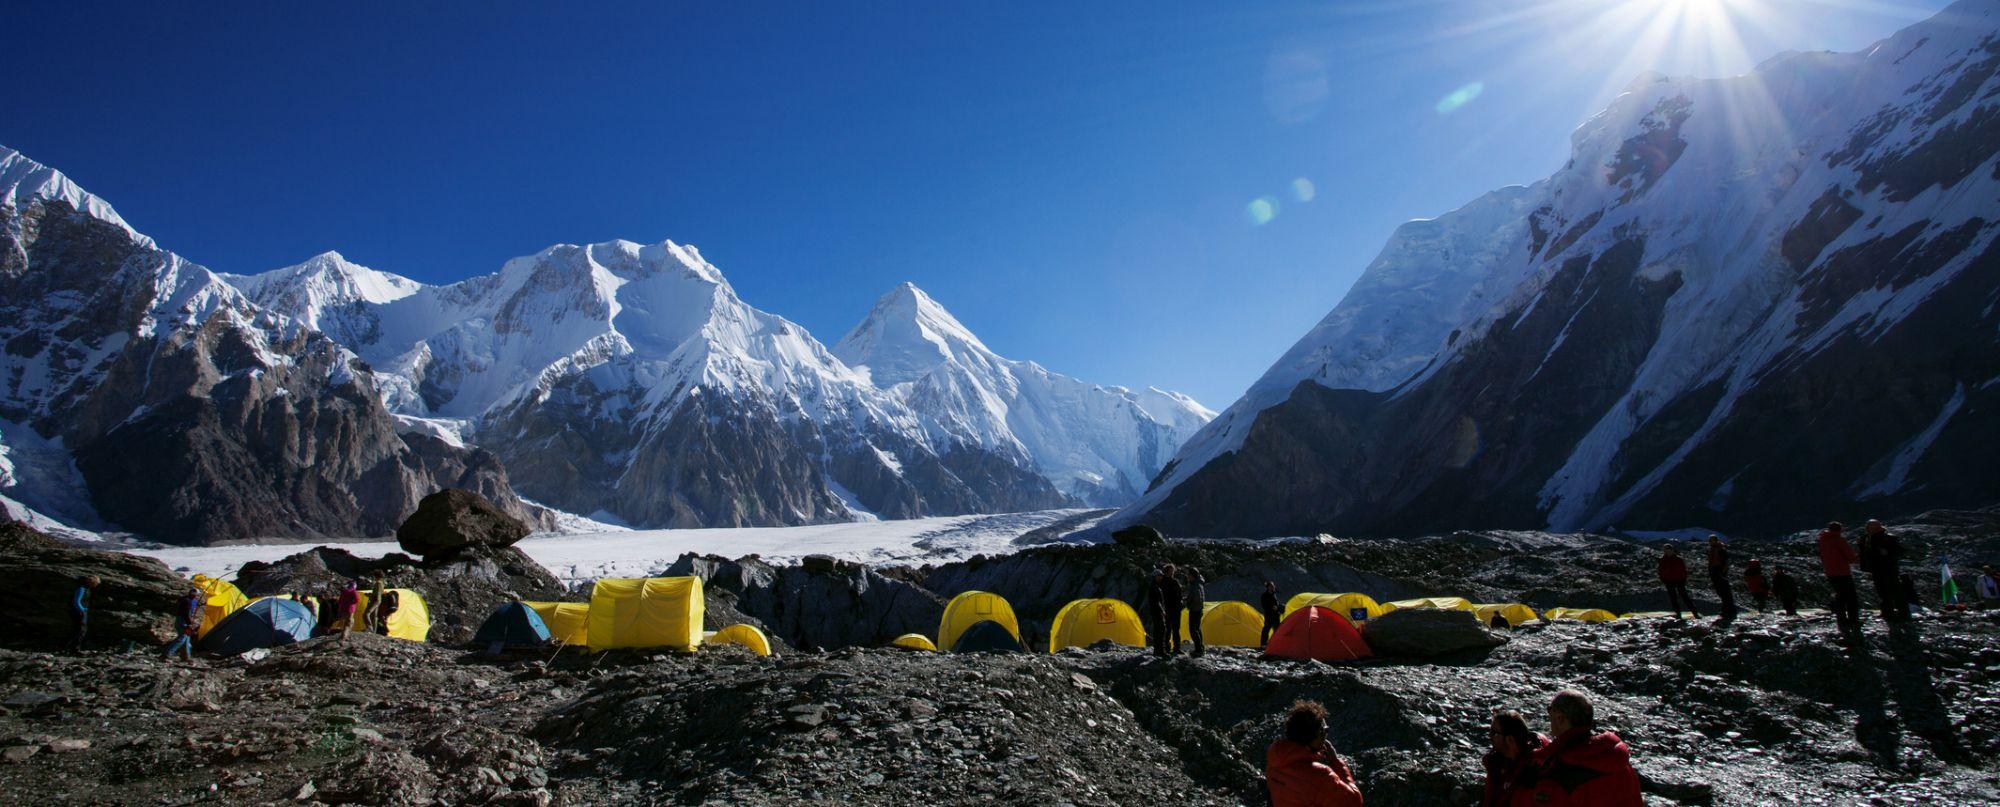 Kyrgyzstán -  Trekking hasta el corazón del Tien Shan - Salidas 16 Julio y 13 Agosto